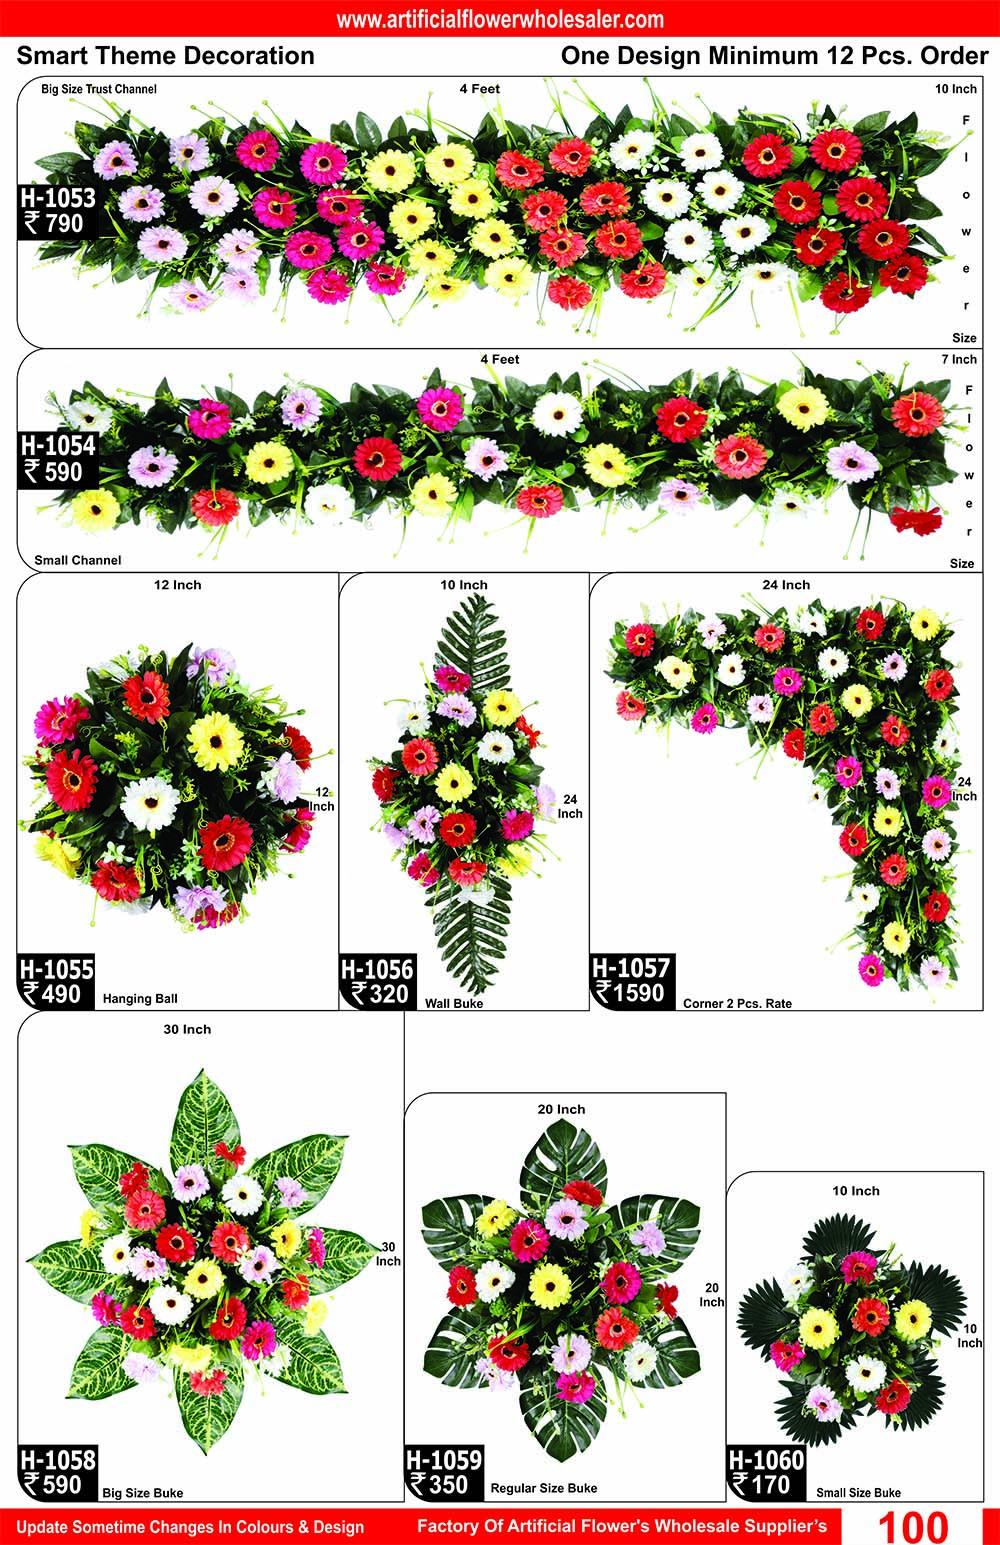 100-artificial-flower-wholesaler